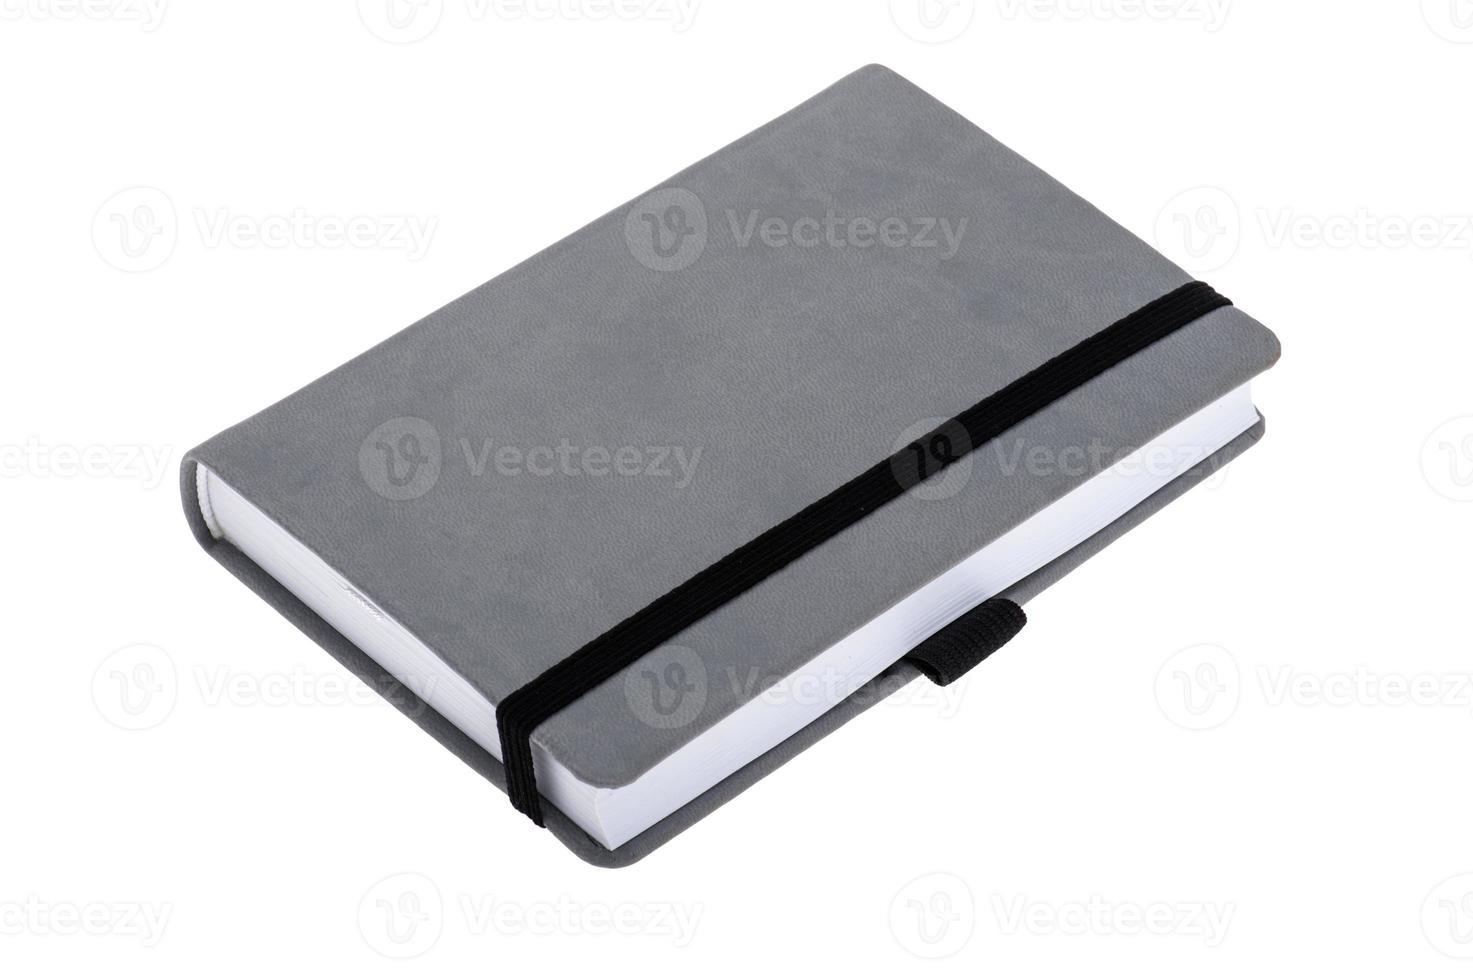 nieuw handboek foto